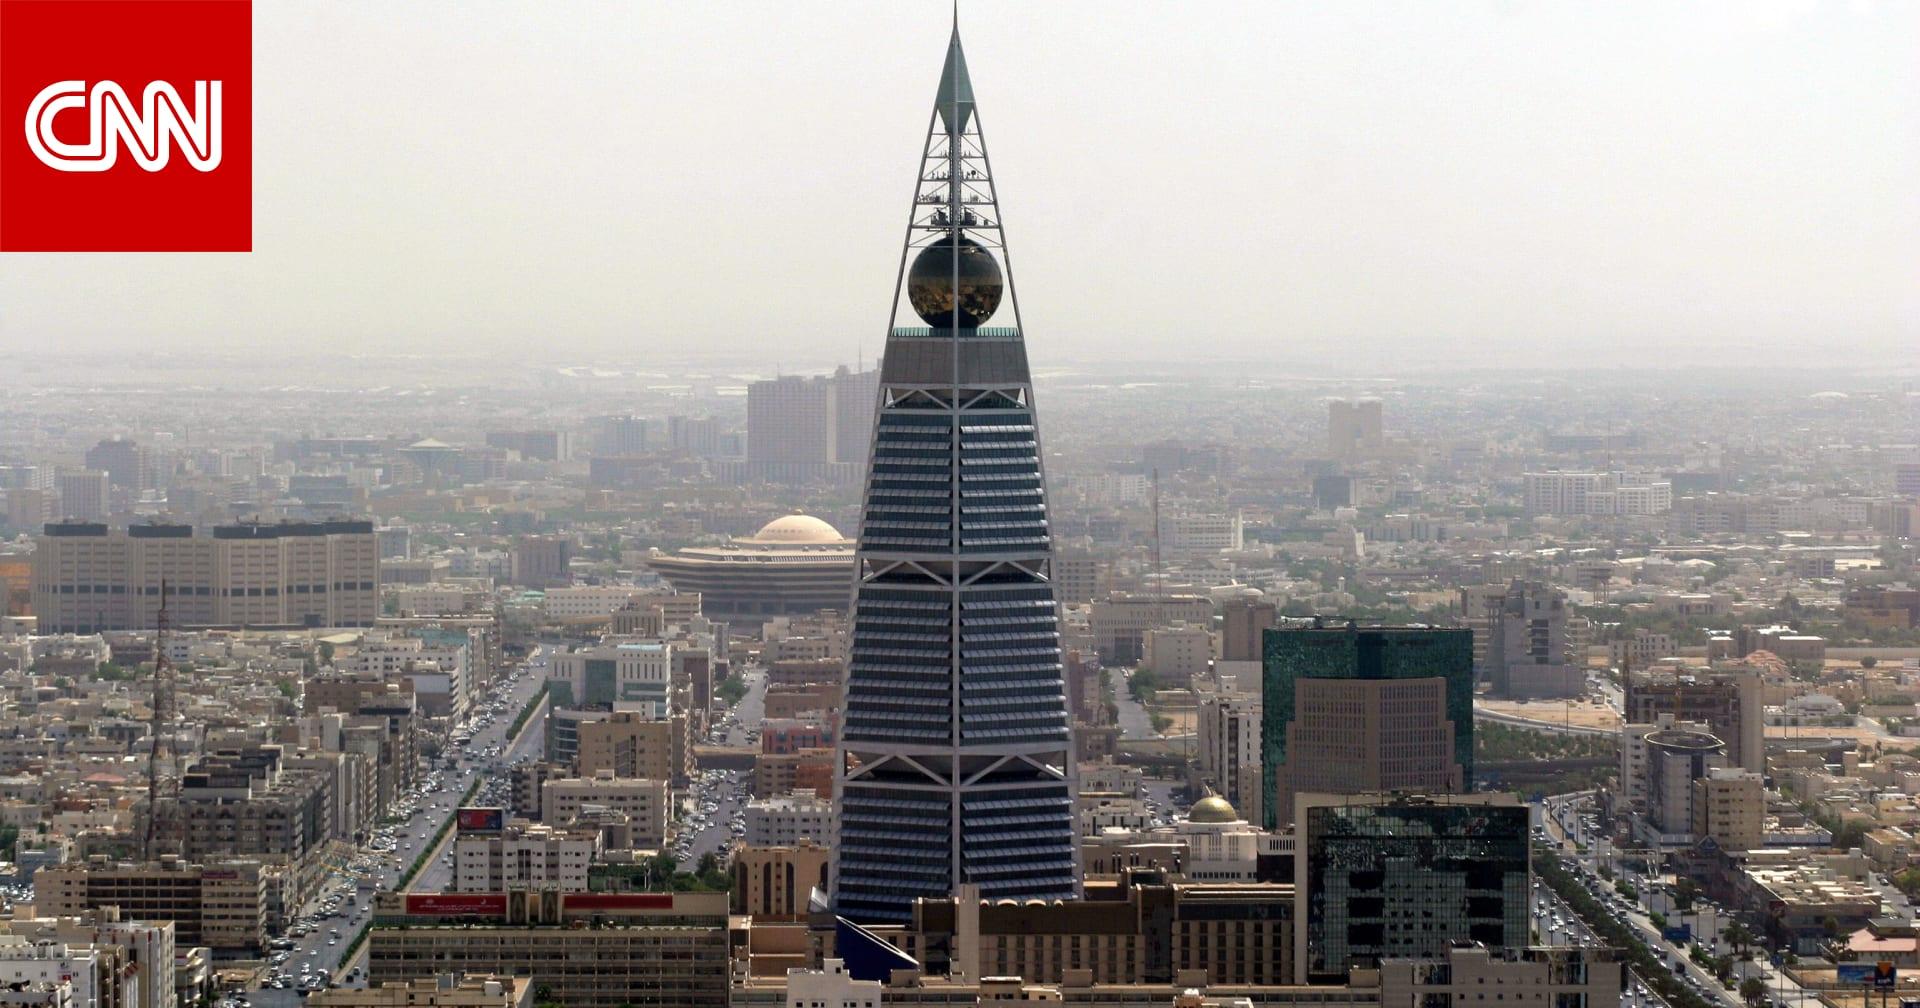 بنك STC والبنك السعودي الرقمي.. السعودية تمنح رخصتين لبنكين رقميين برأس مال 4 مليارات ريال